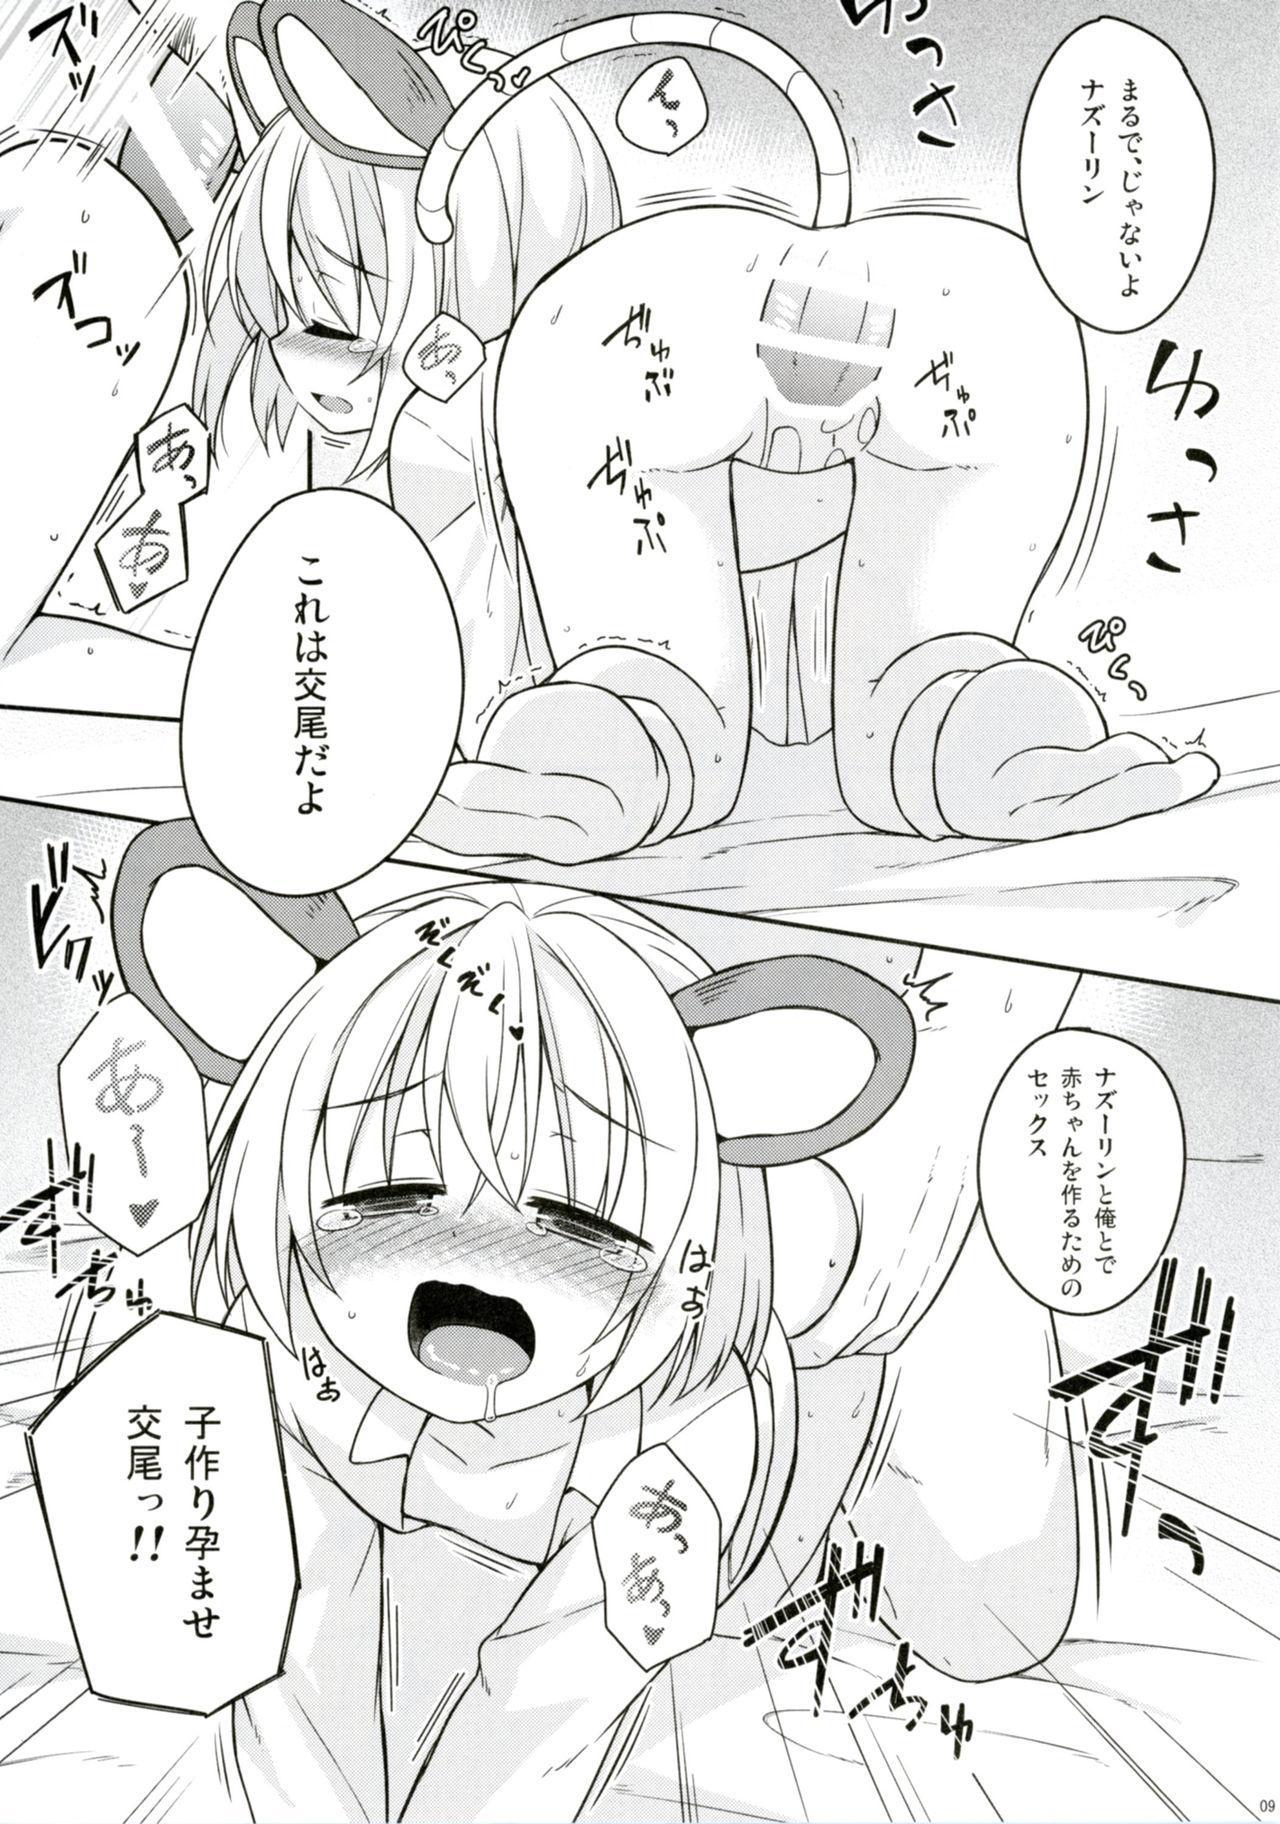 Kozukuri Chuui! 7